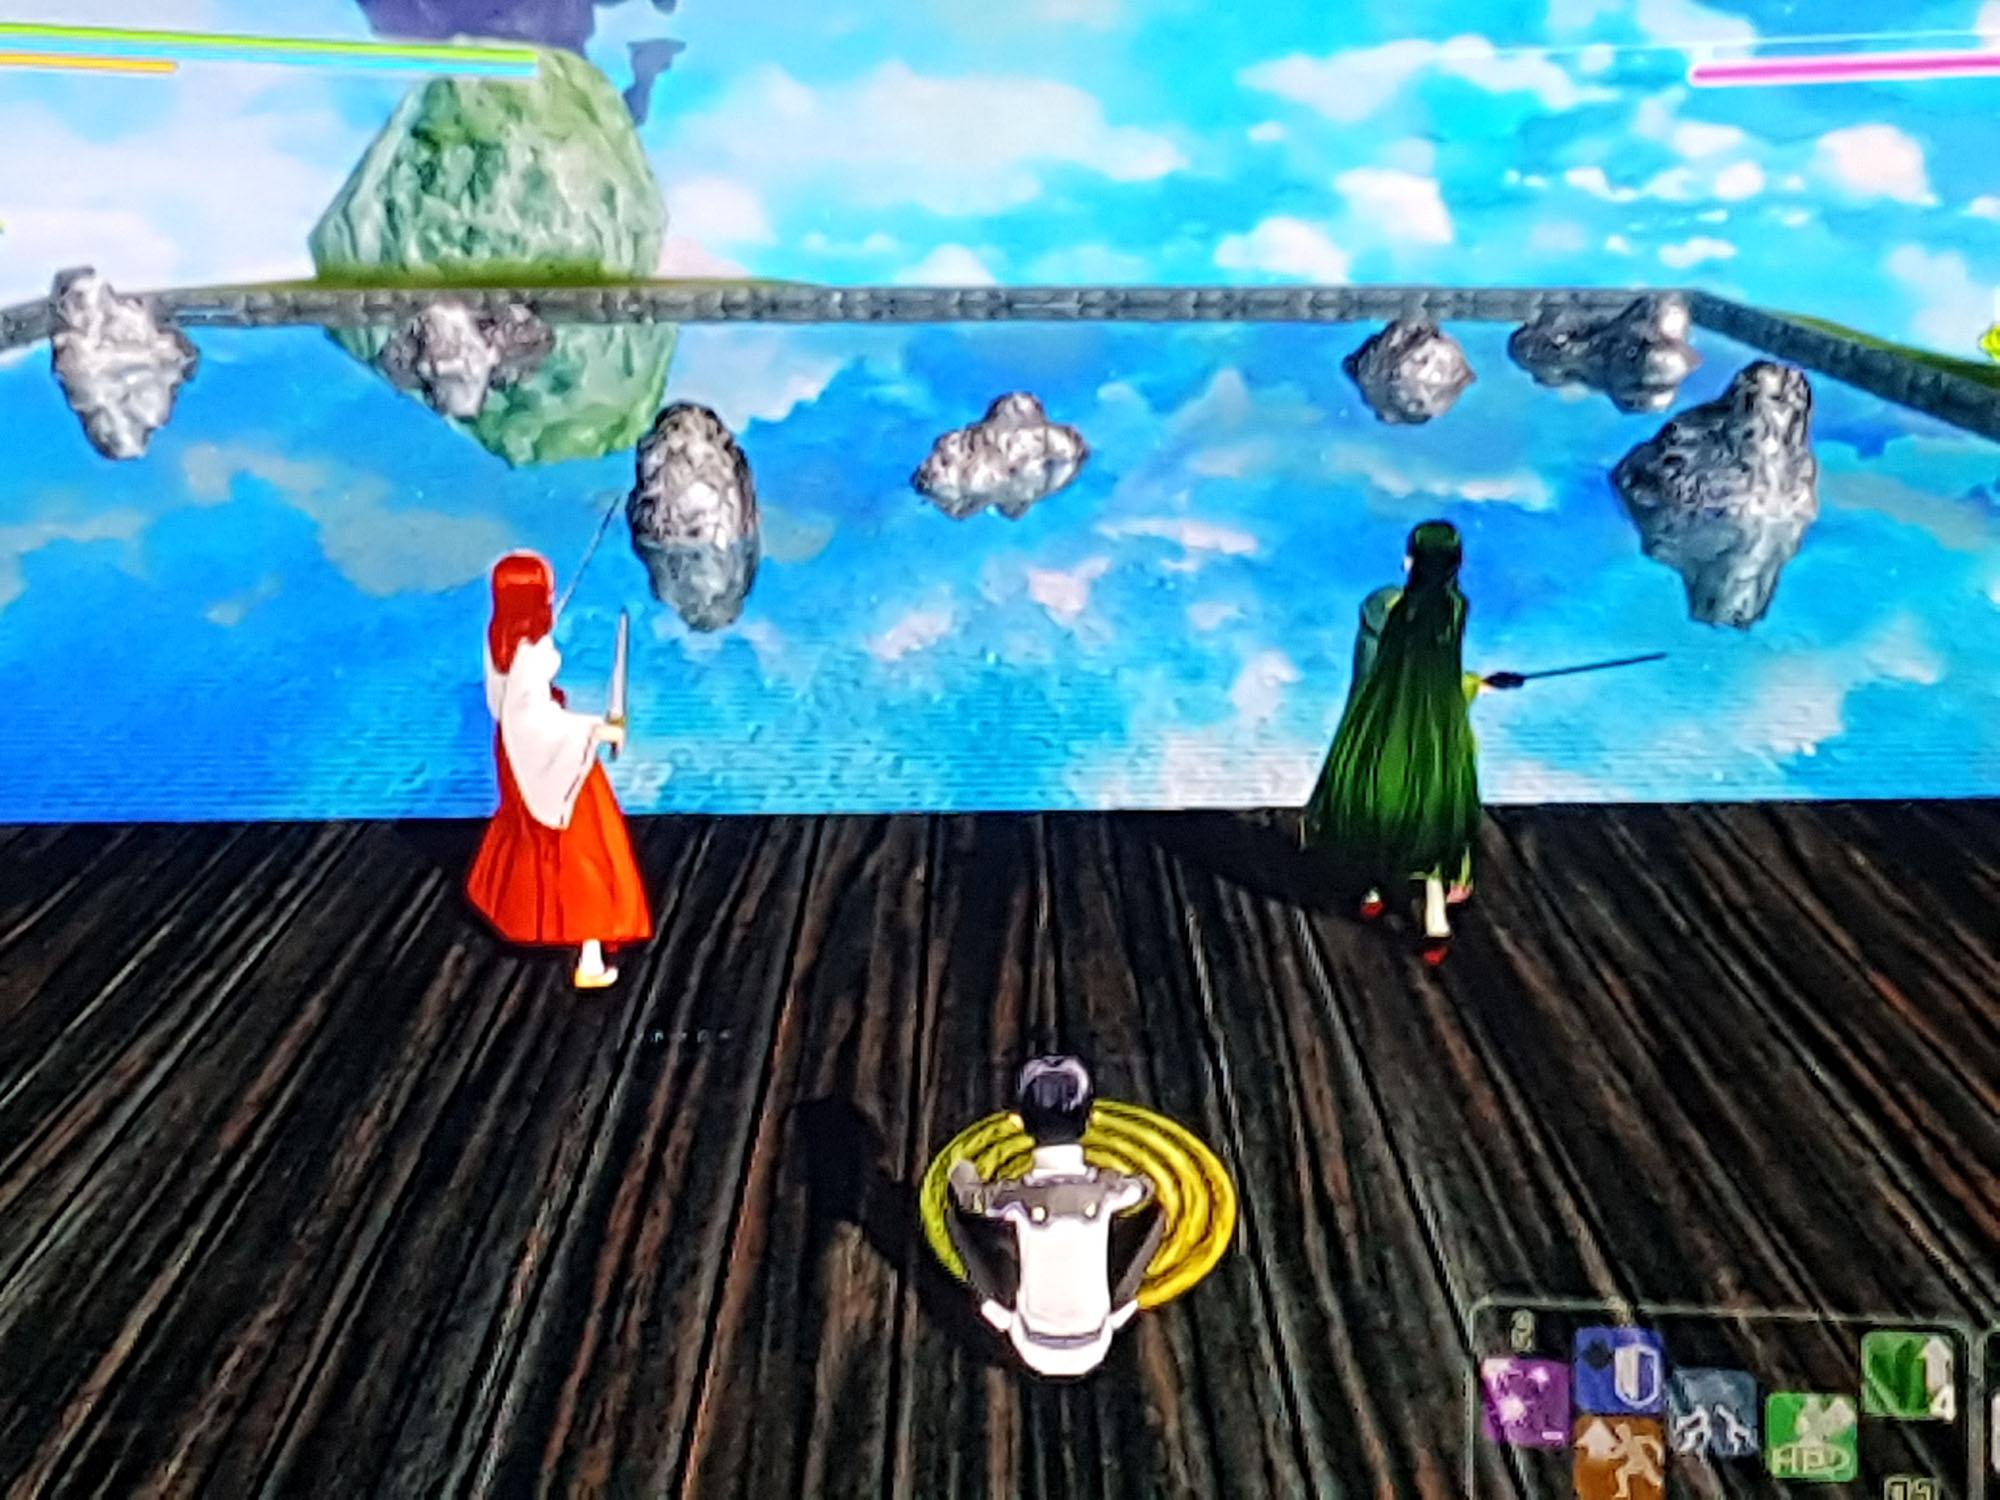 AWvsSAO アクセルソード 攻略! ストーリーに関するまとめ オアシスのワープや海賊エリアの指輪等…